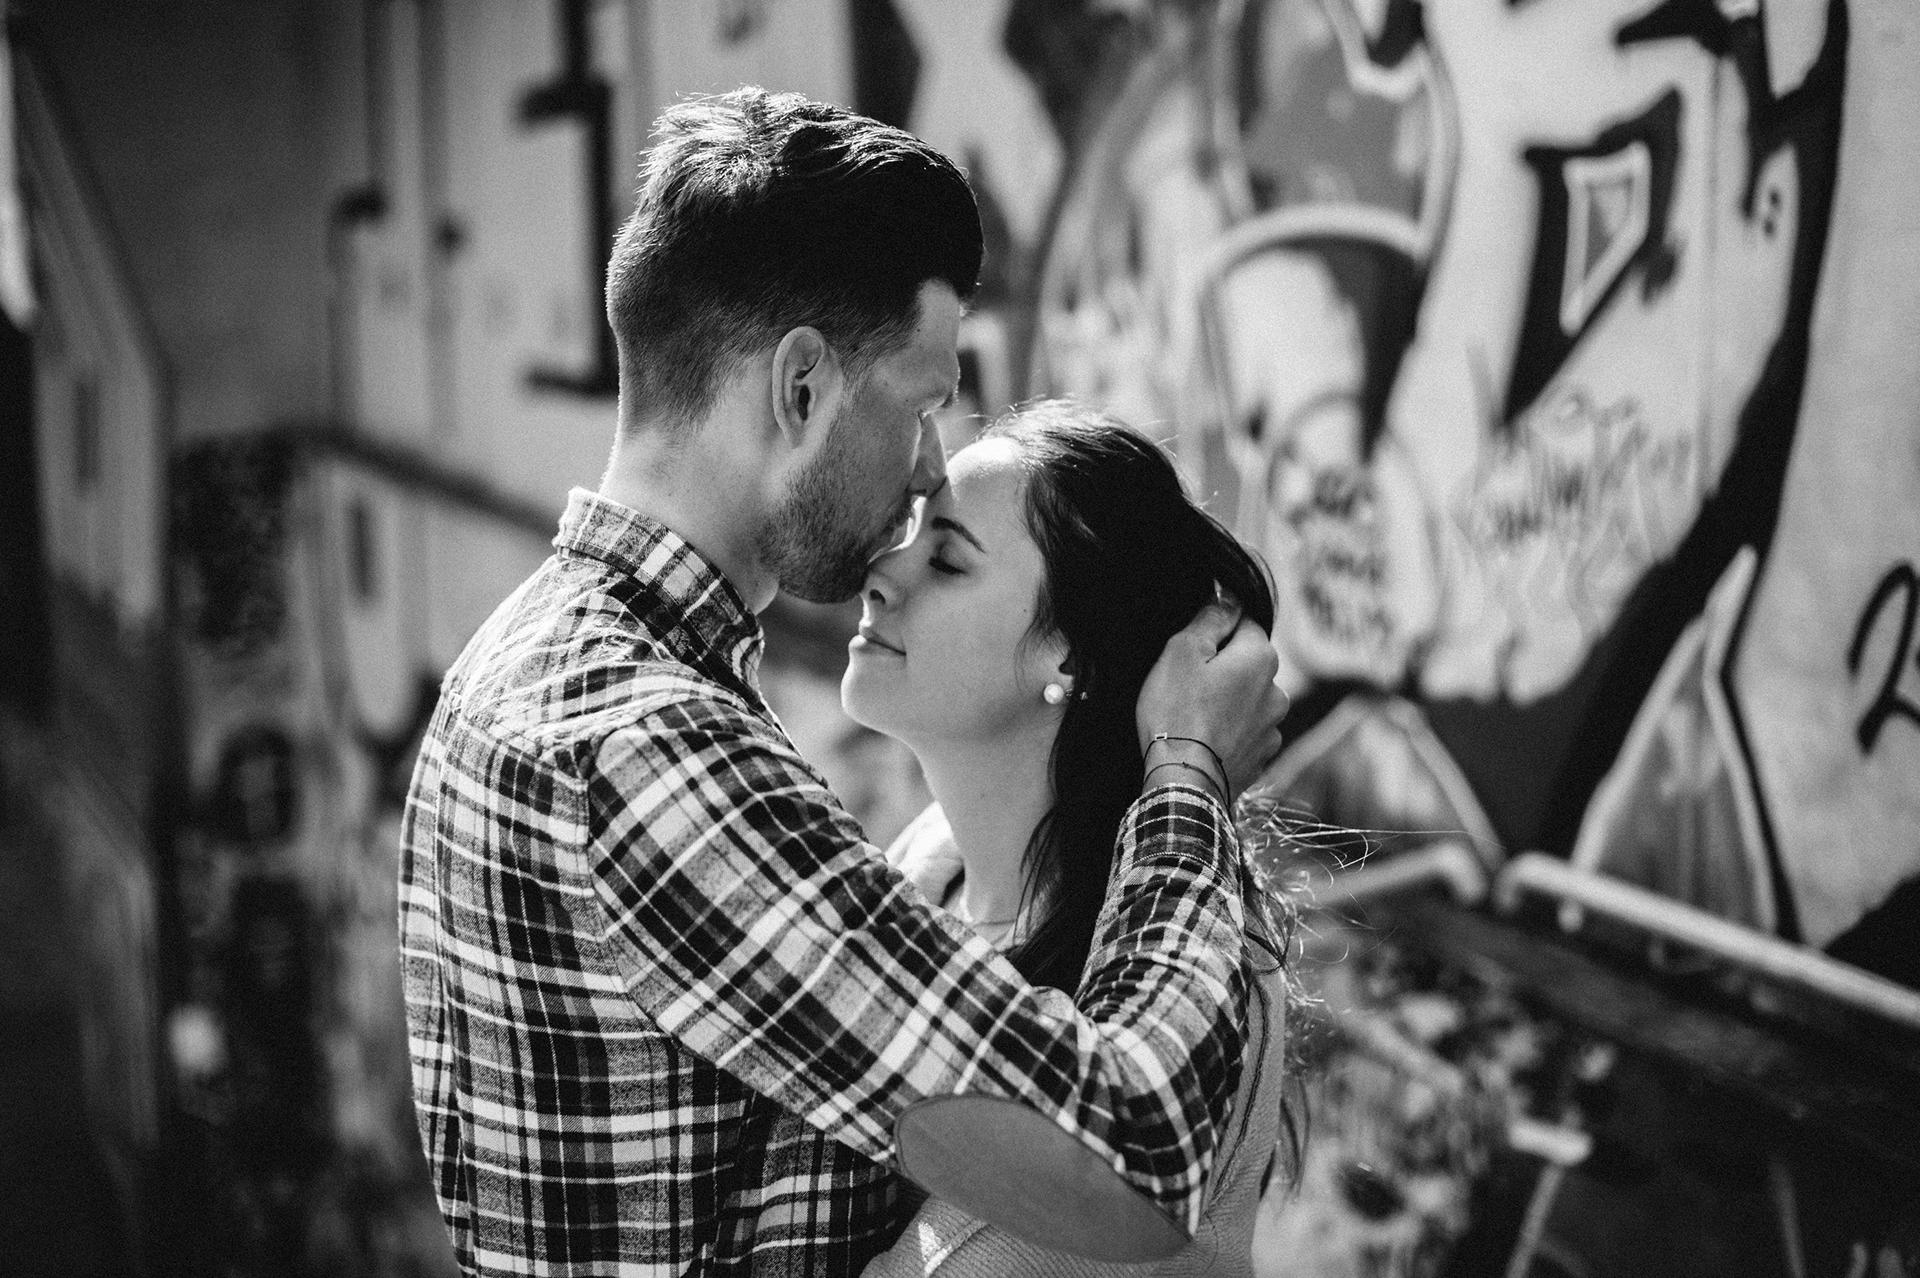 bacio sulla fronte in città